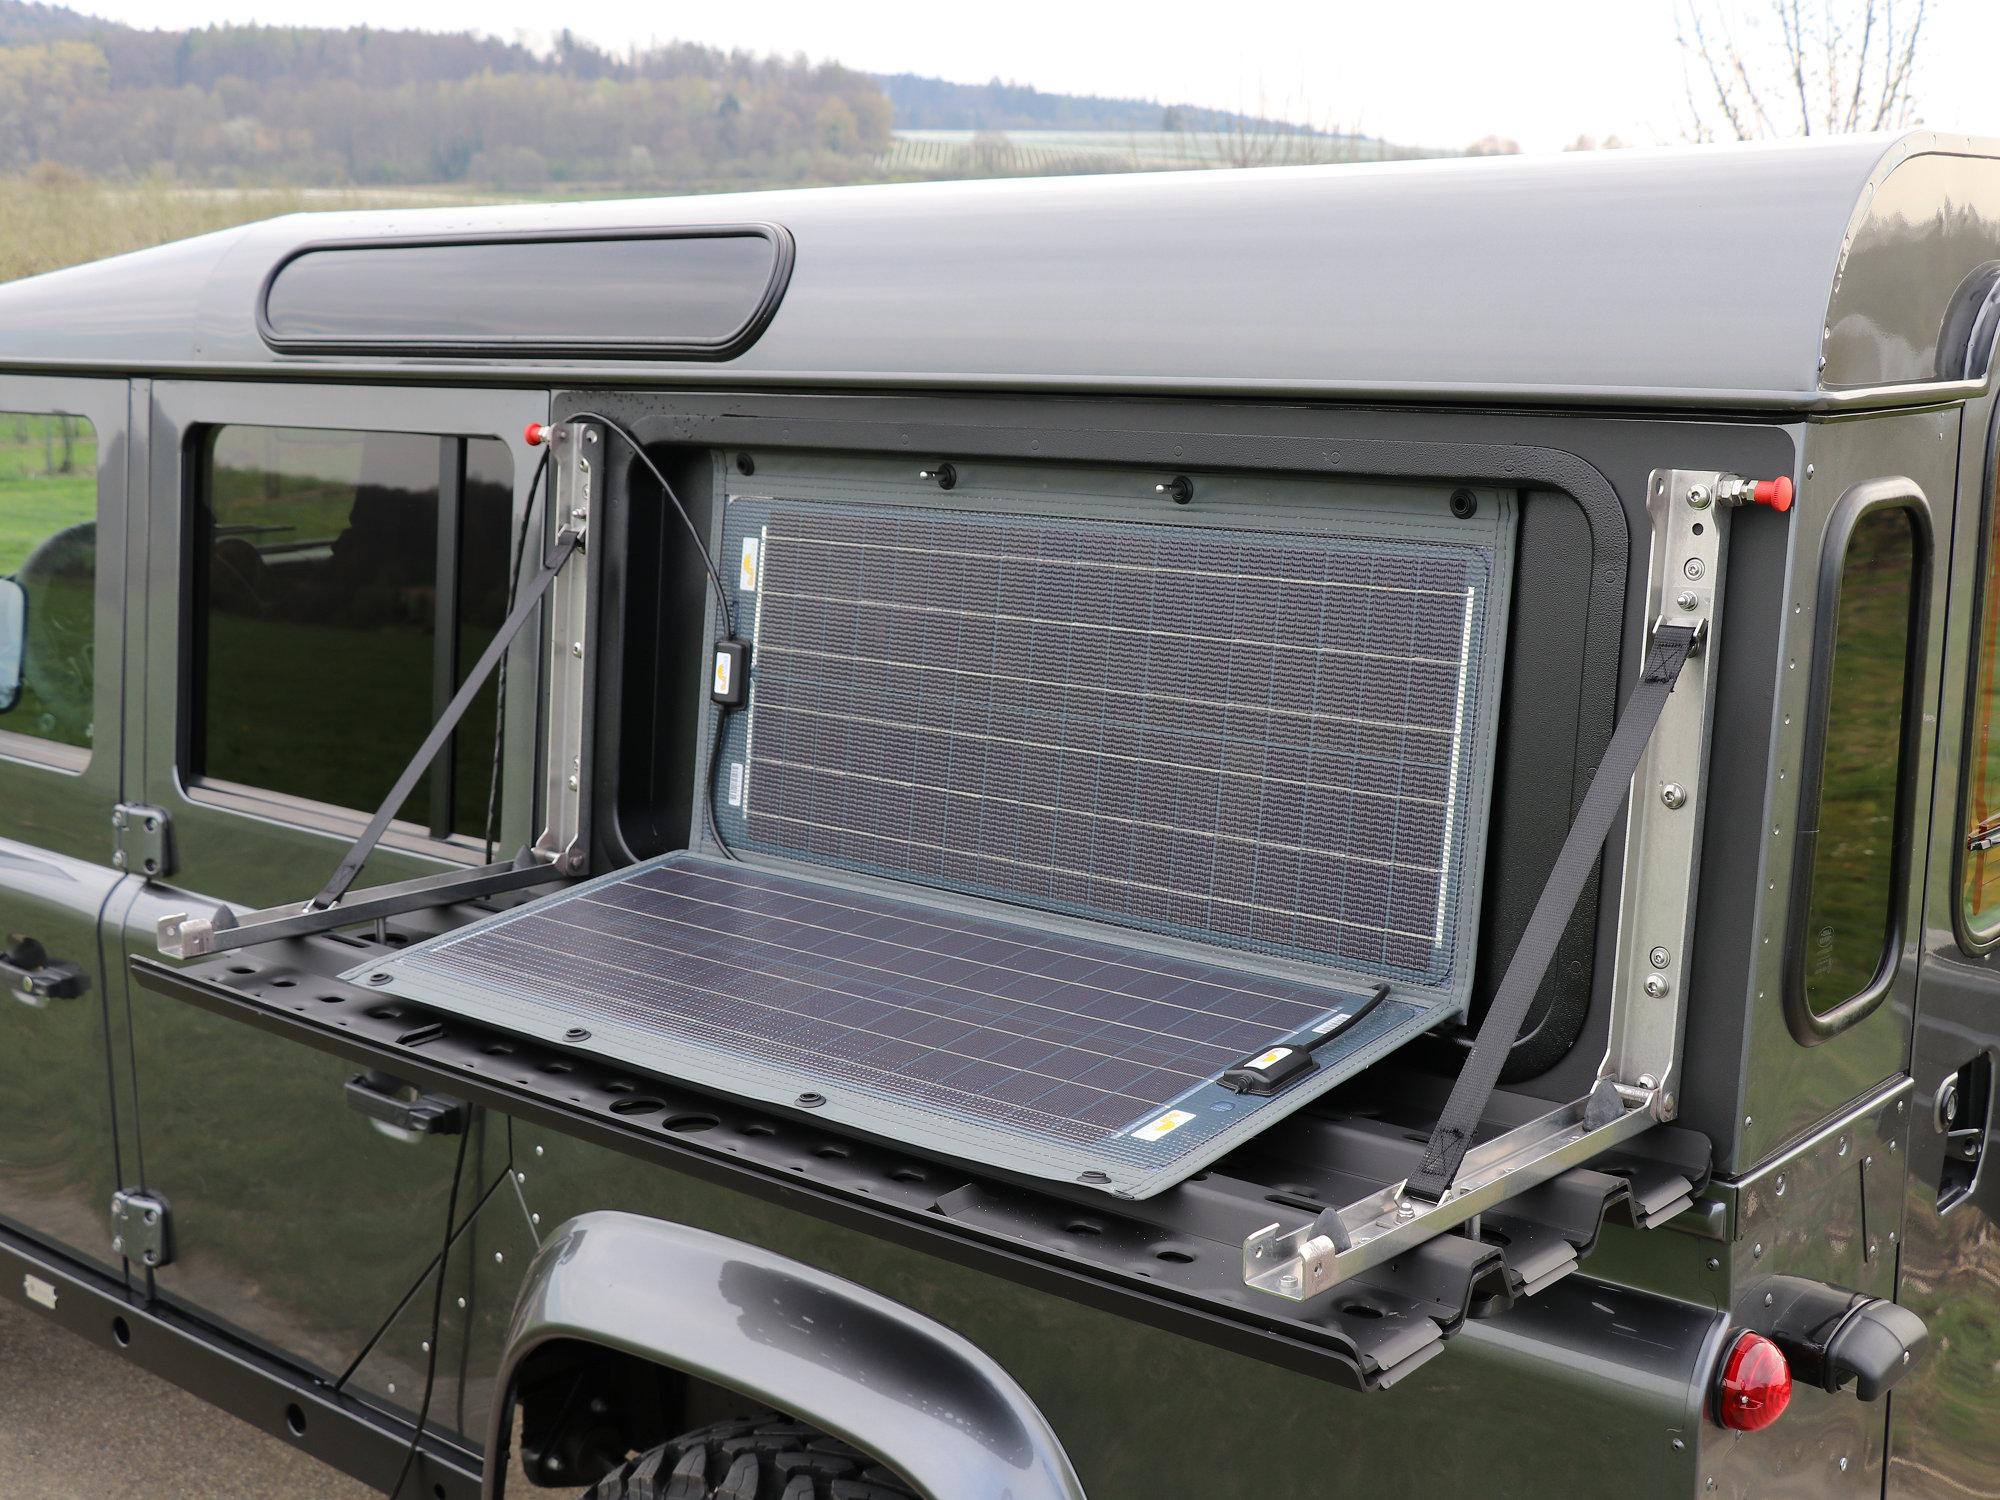 Einbauschale fuer faltbares Solarmodul